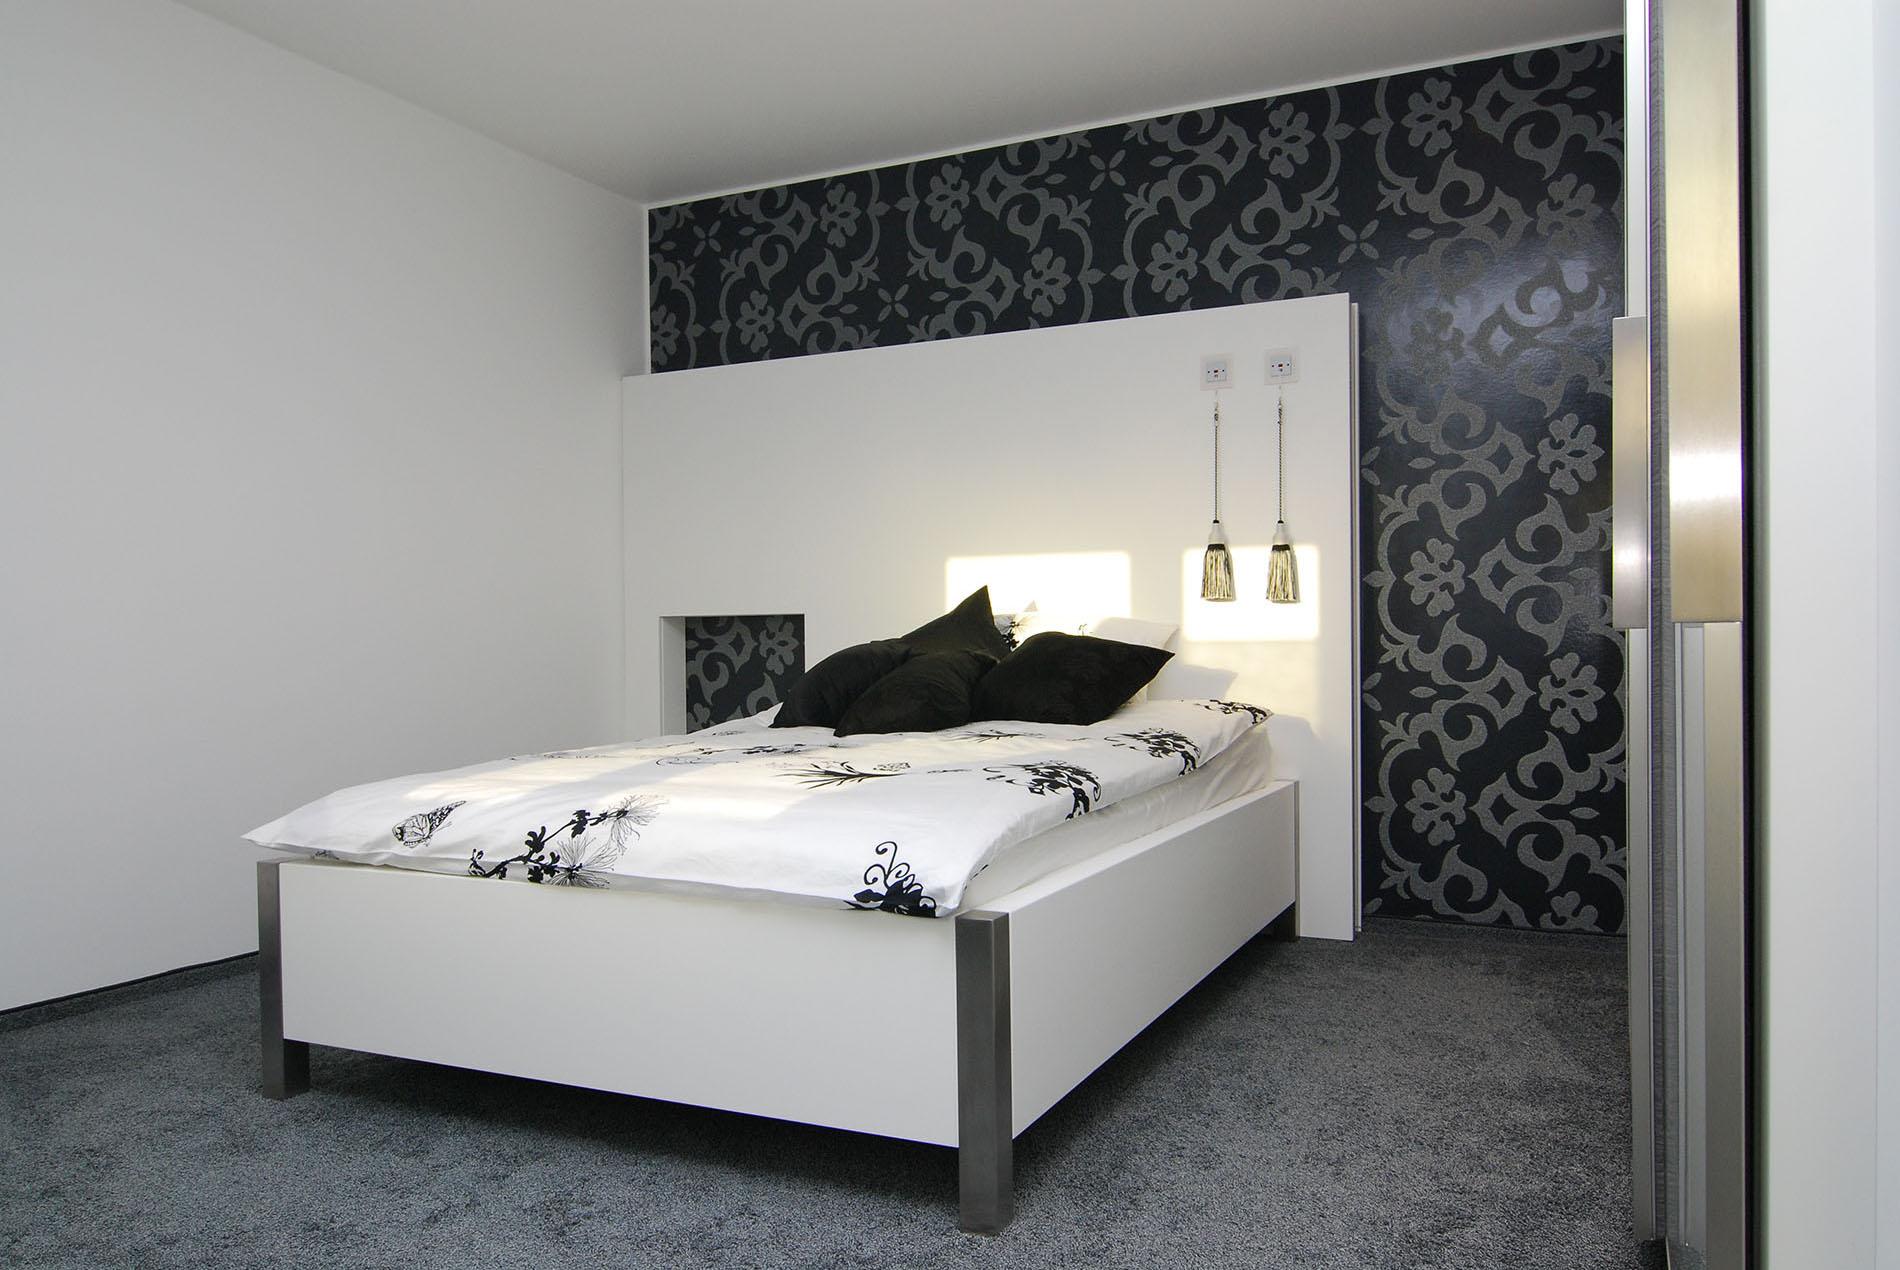 Schlafzimmer mit schrankwand sch pker holz wohn form gmbh - Schrankwand mit viel stauraum ...